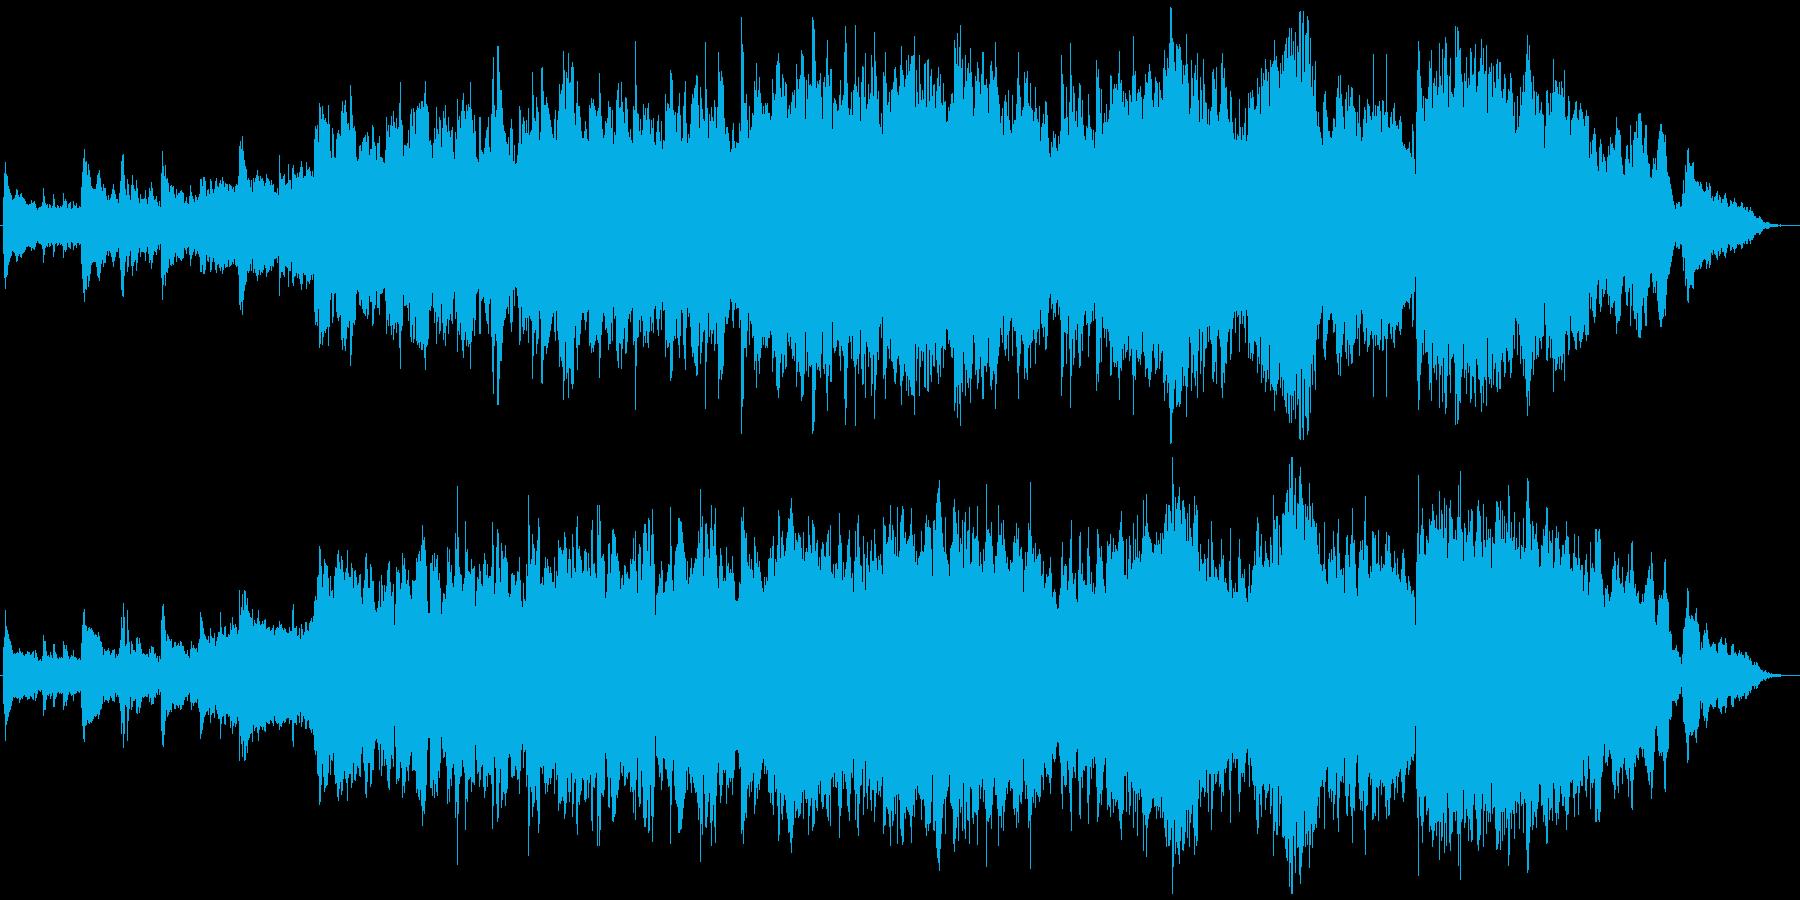 神秘的なピアノオーケストラバラードの再生済みの波形